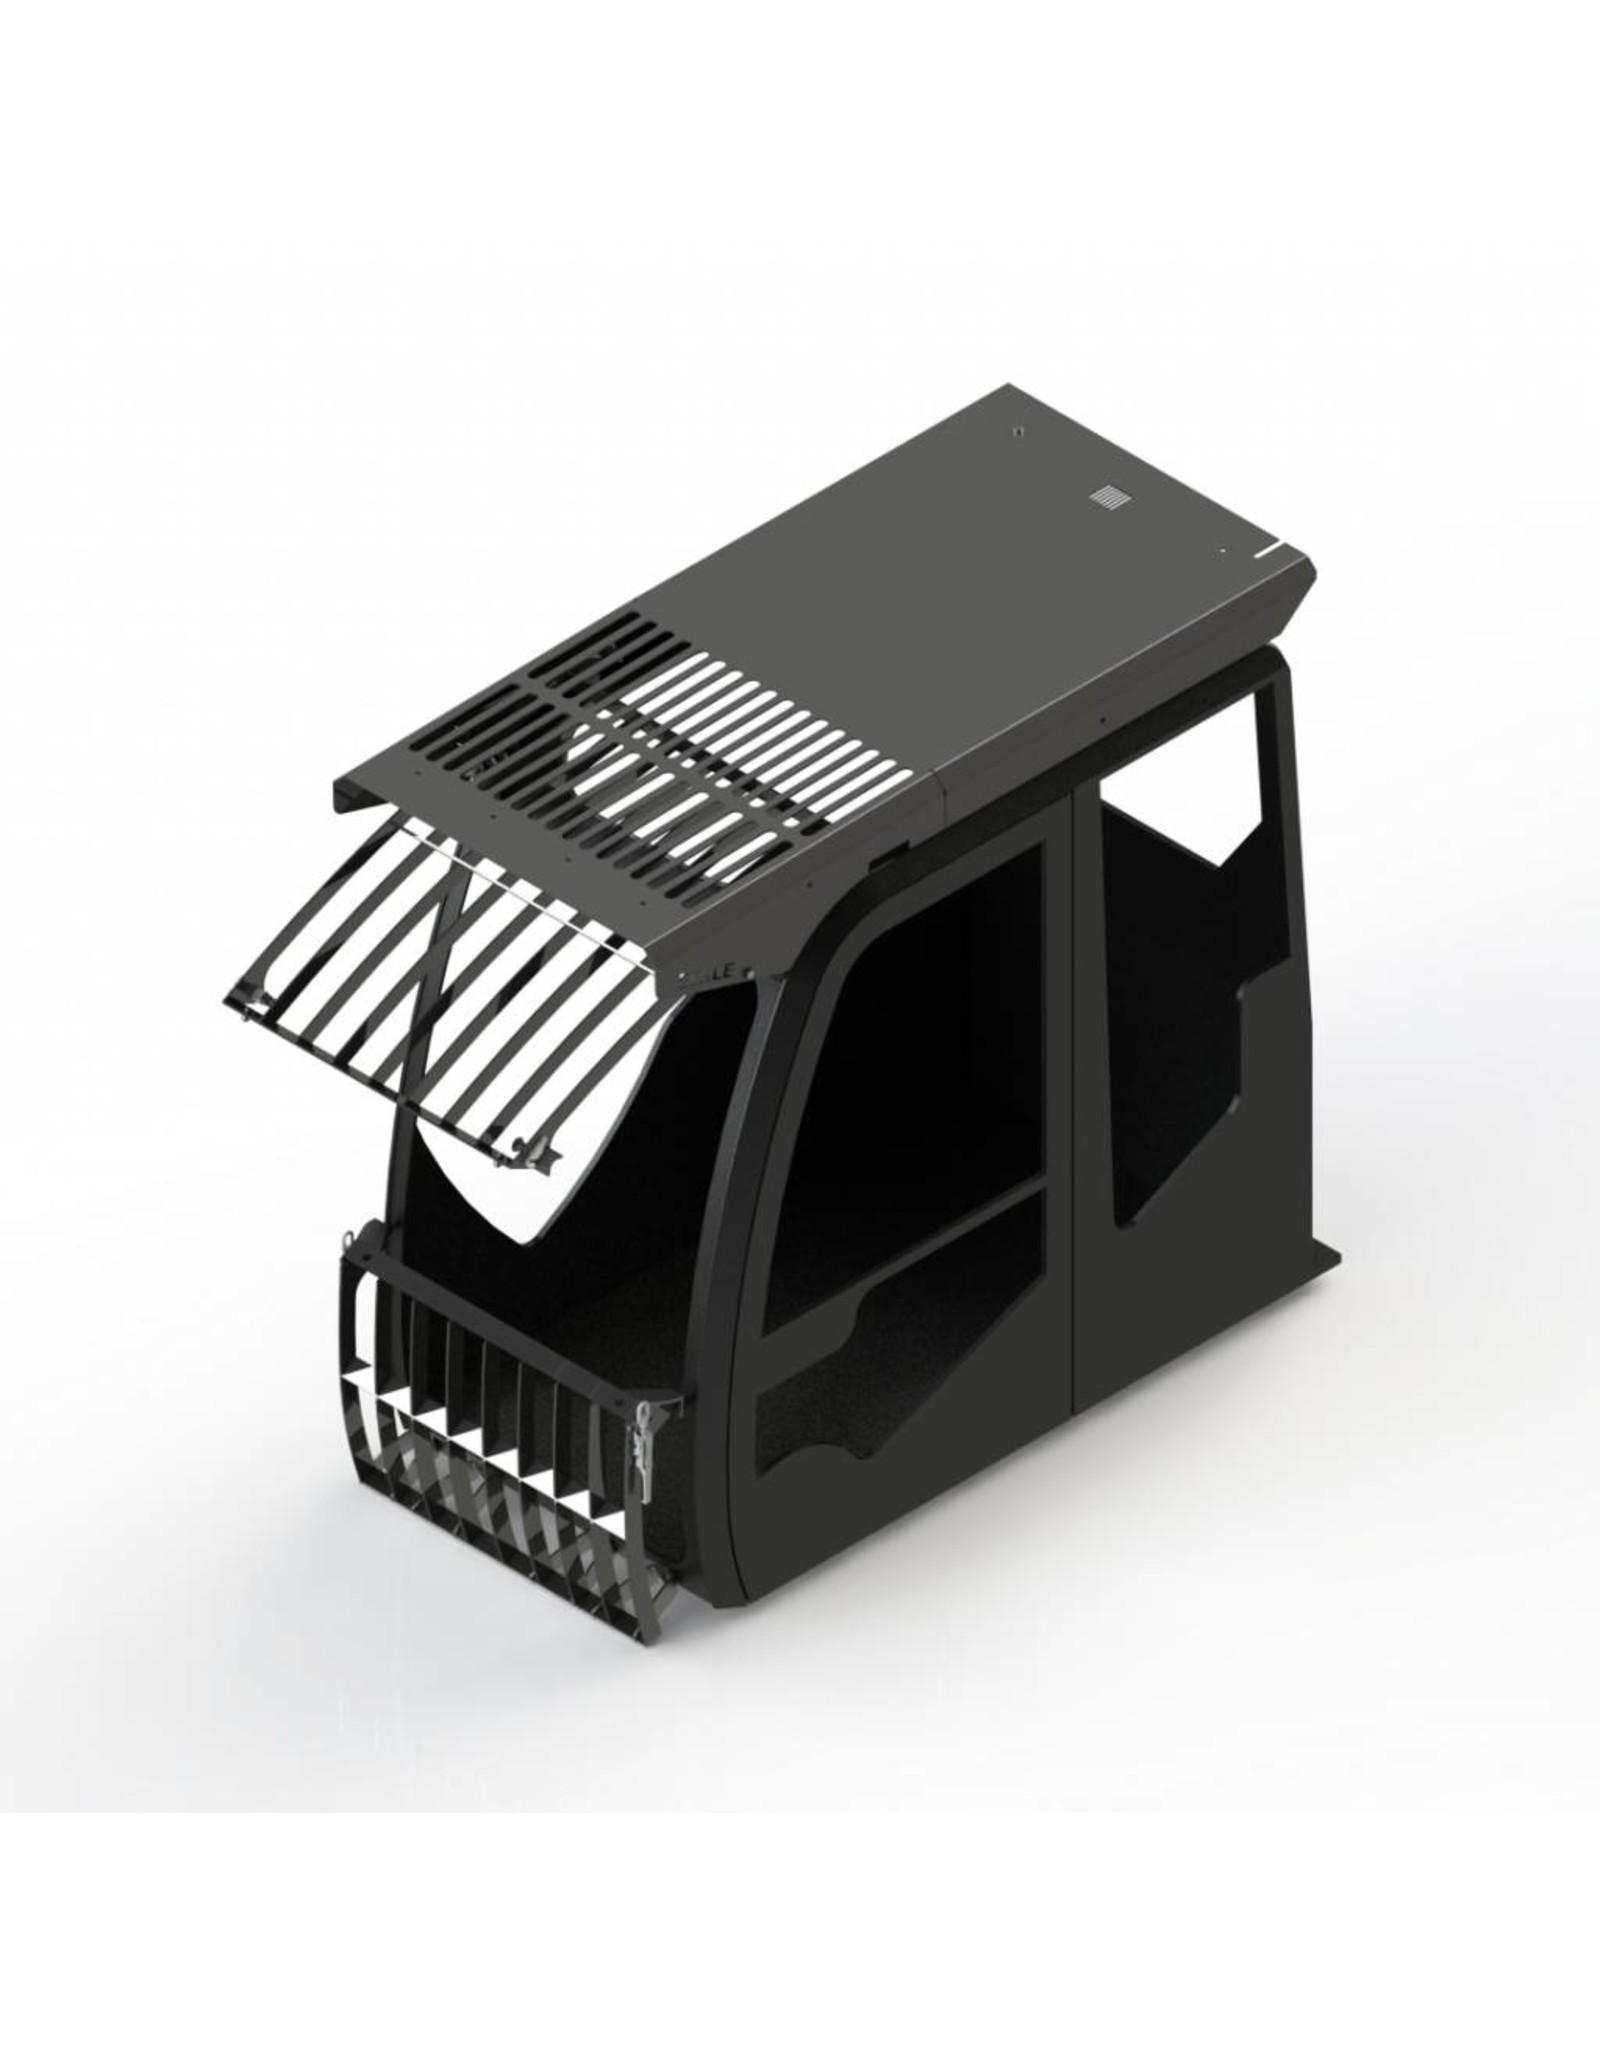 Echle Hartstahl GmbH FOPS pour Liebherr R 970 SME